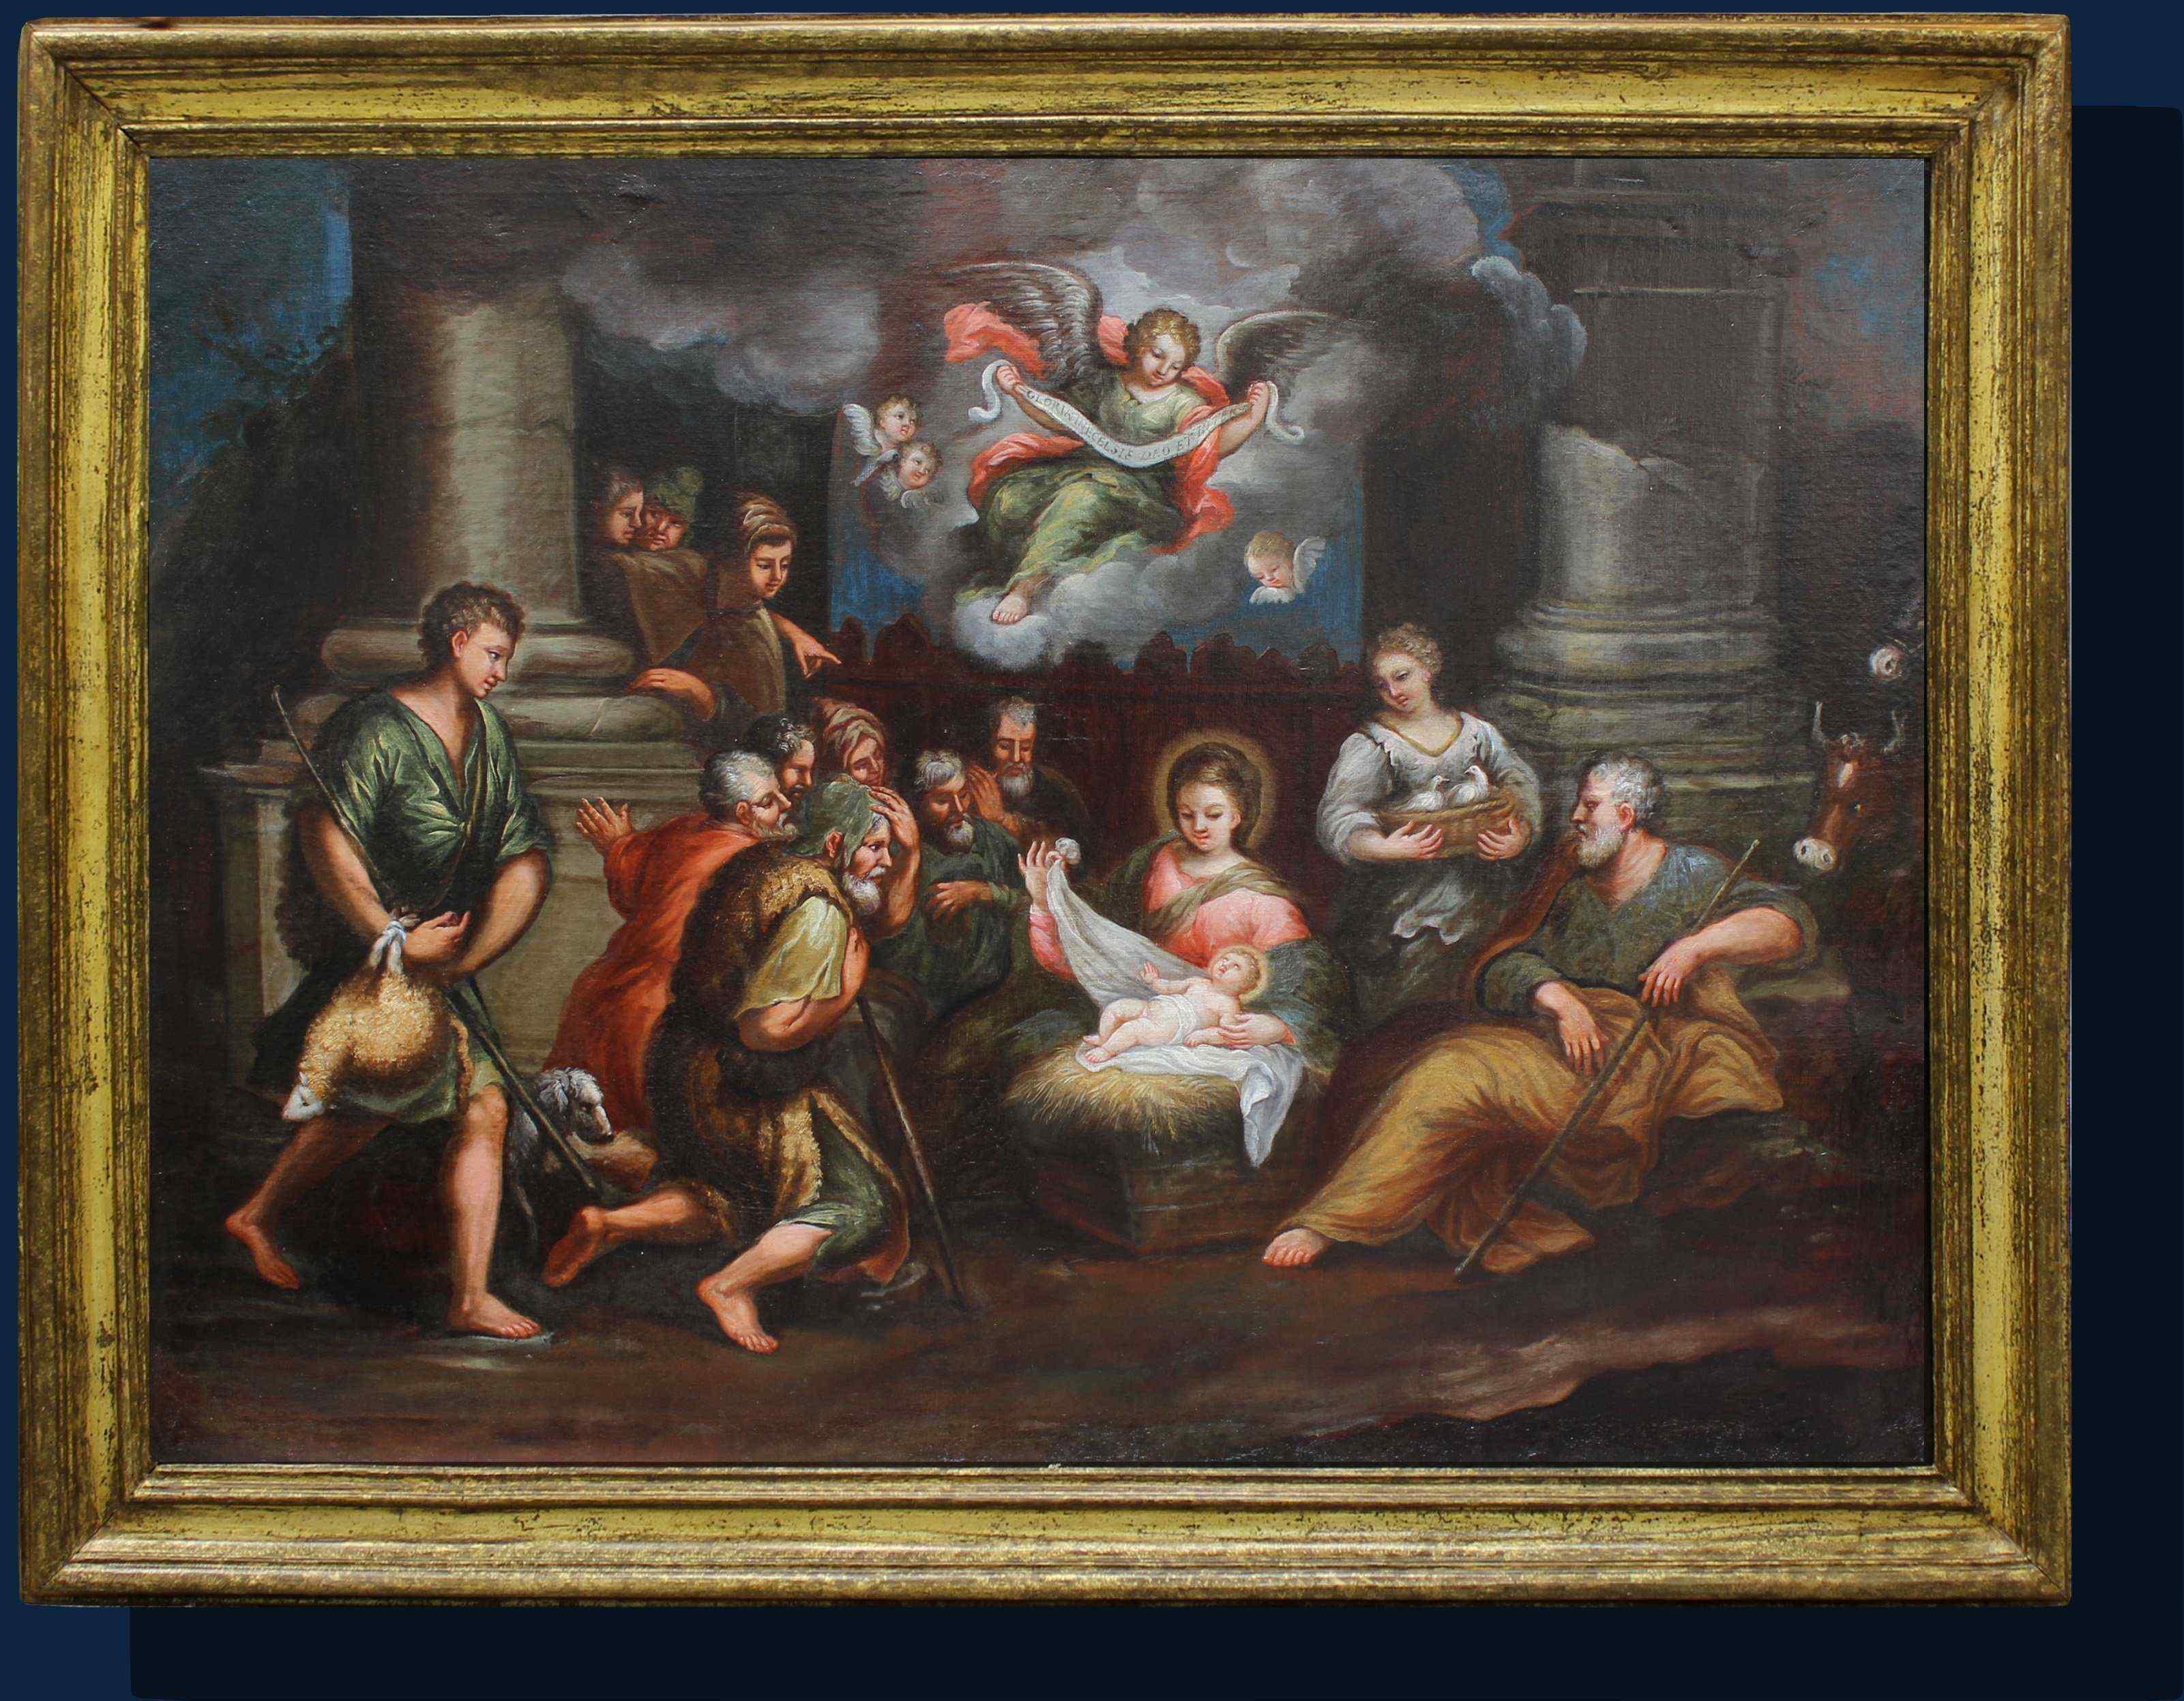 ÈCOLE ROMAINE, XVII SIÈCLE, ADORATION DES BERGERS, HUILE